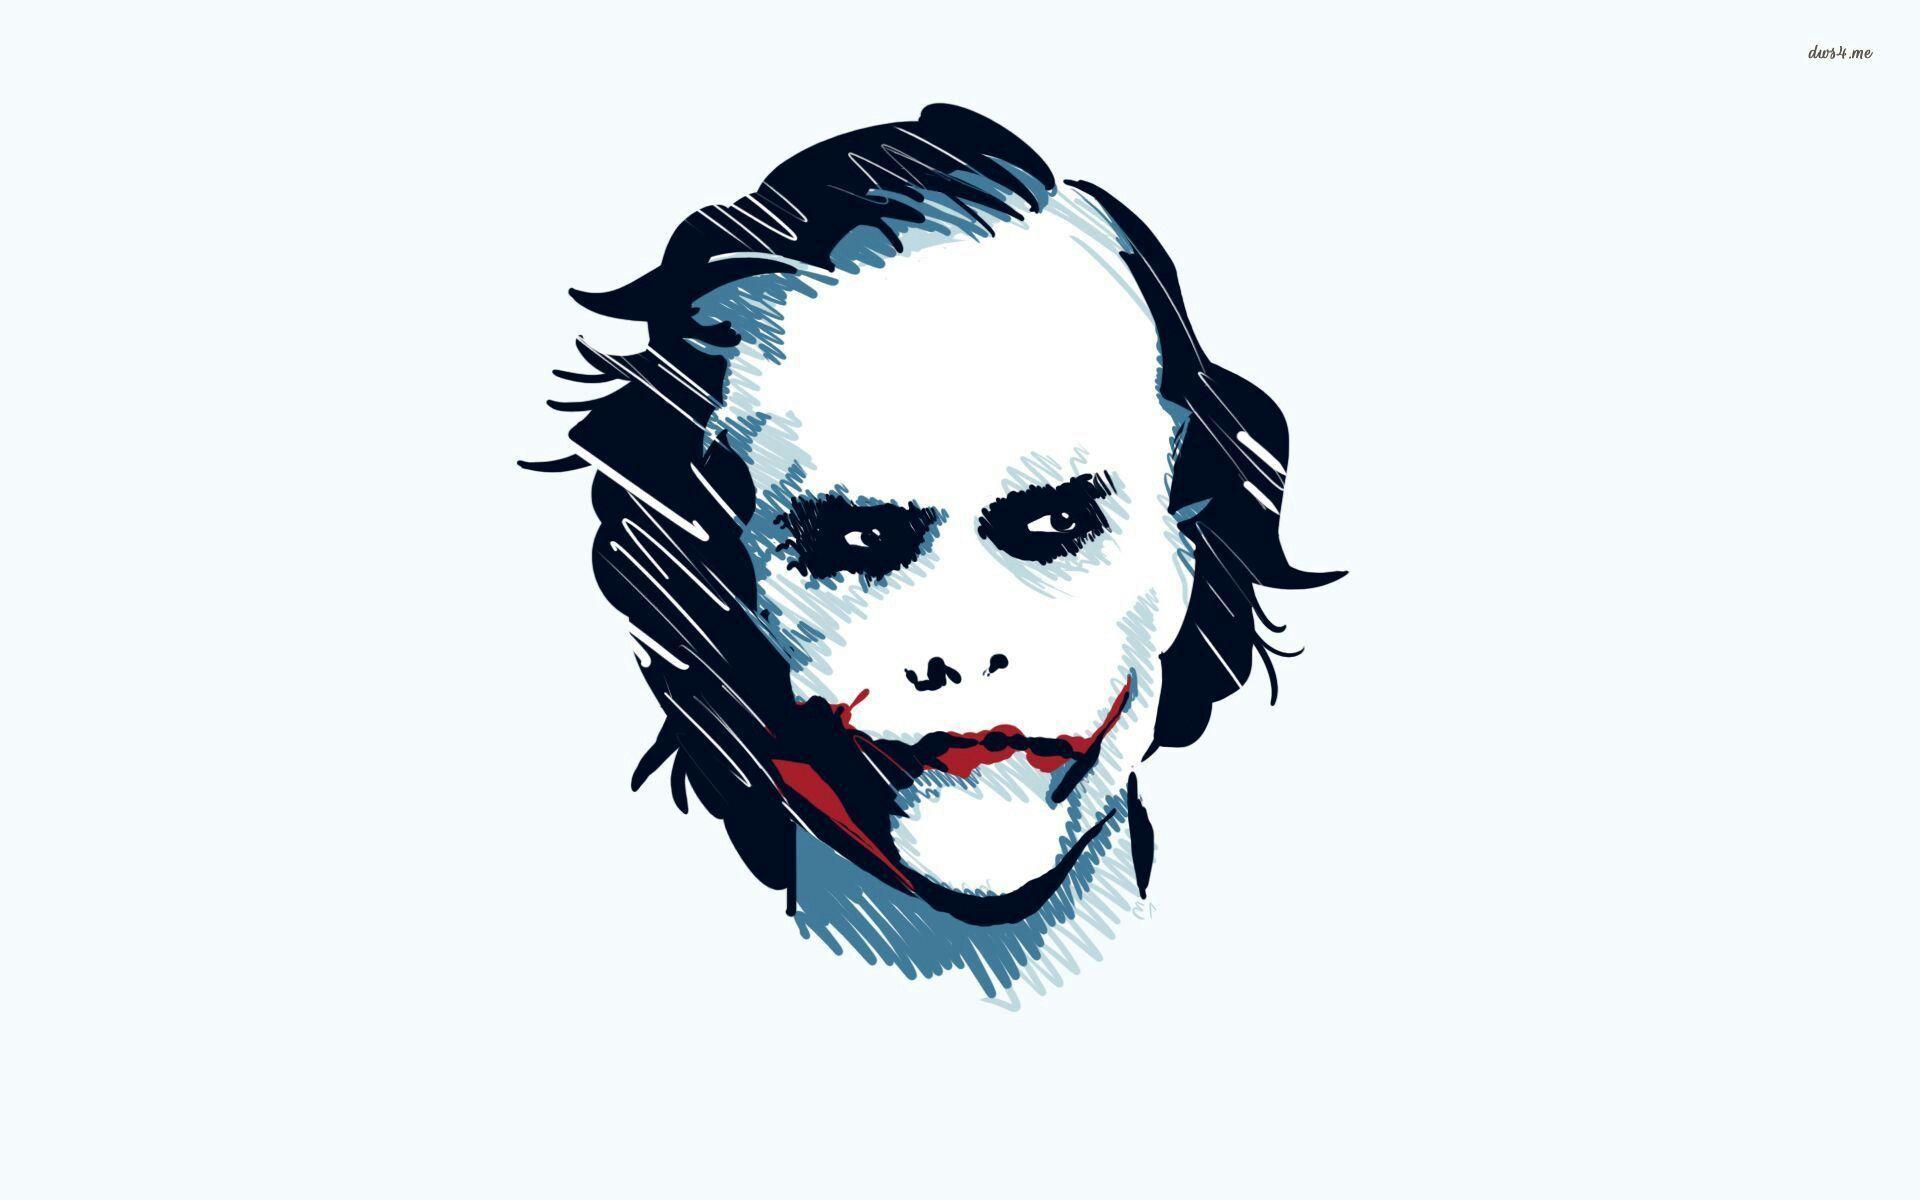 1920x1200 Nerdy Me Joker Wallpapers, Joker Heath